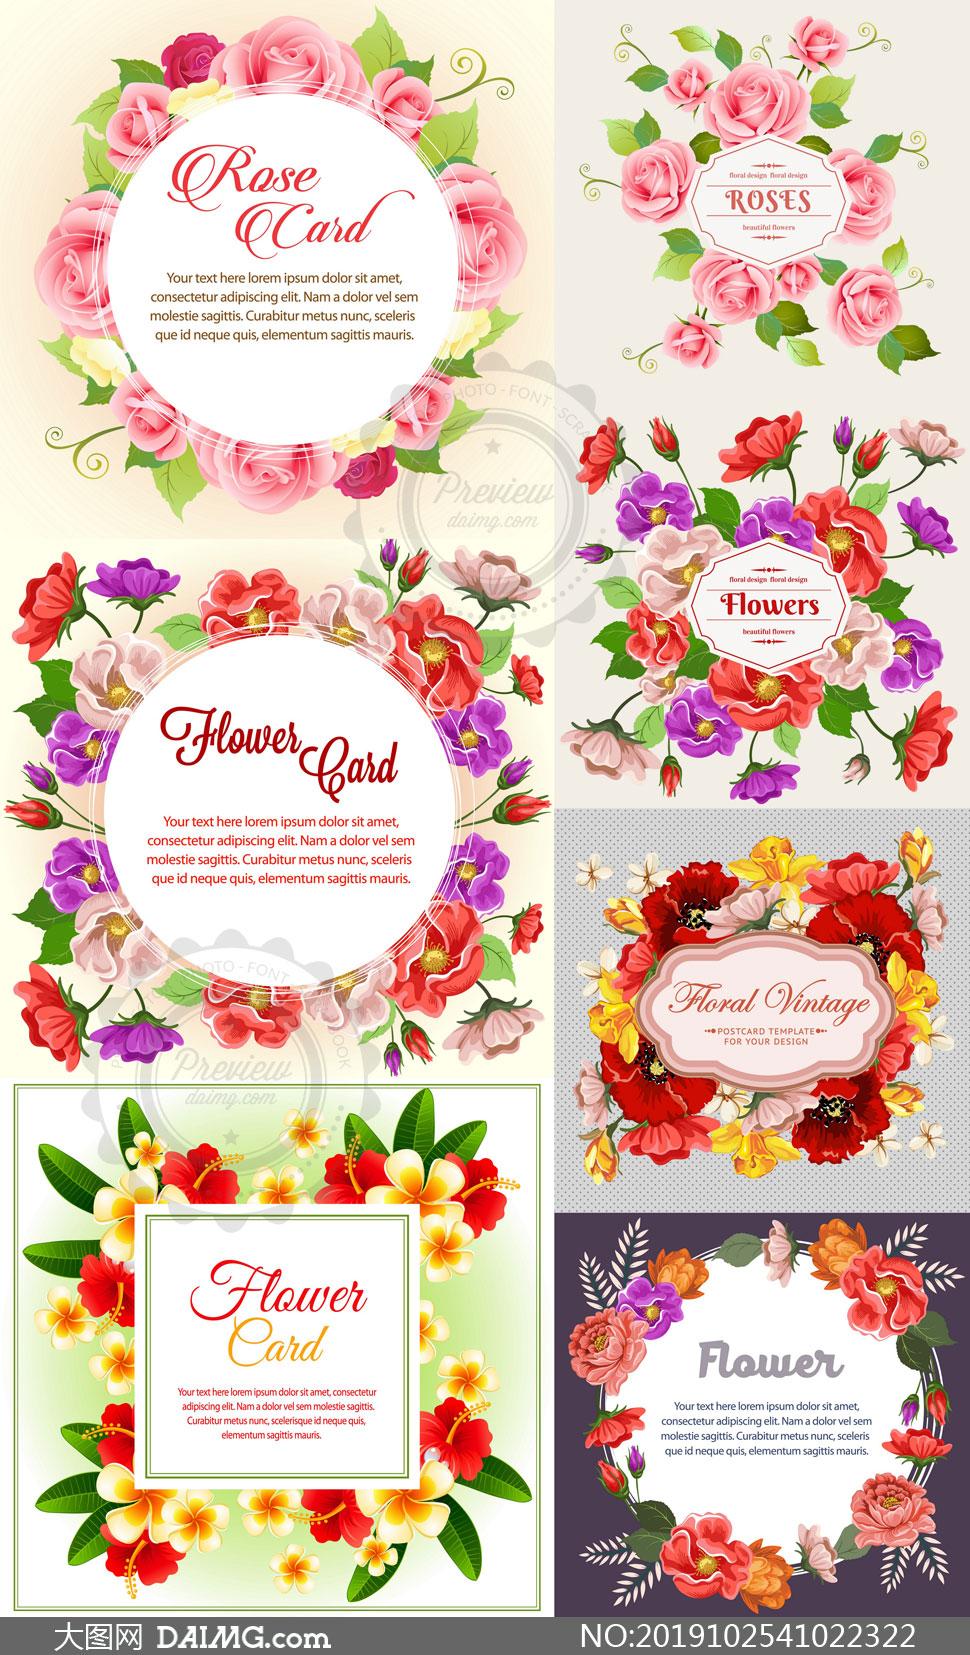 质感鲜花装饰边框创意设计矢量素材